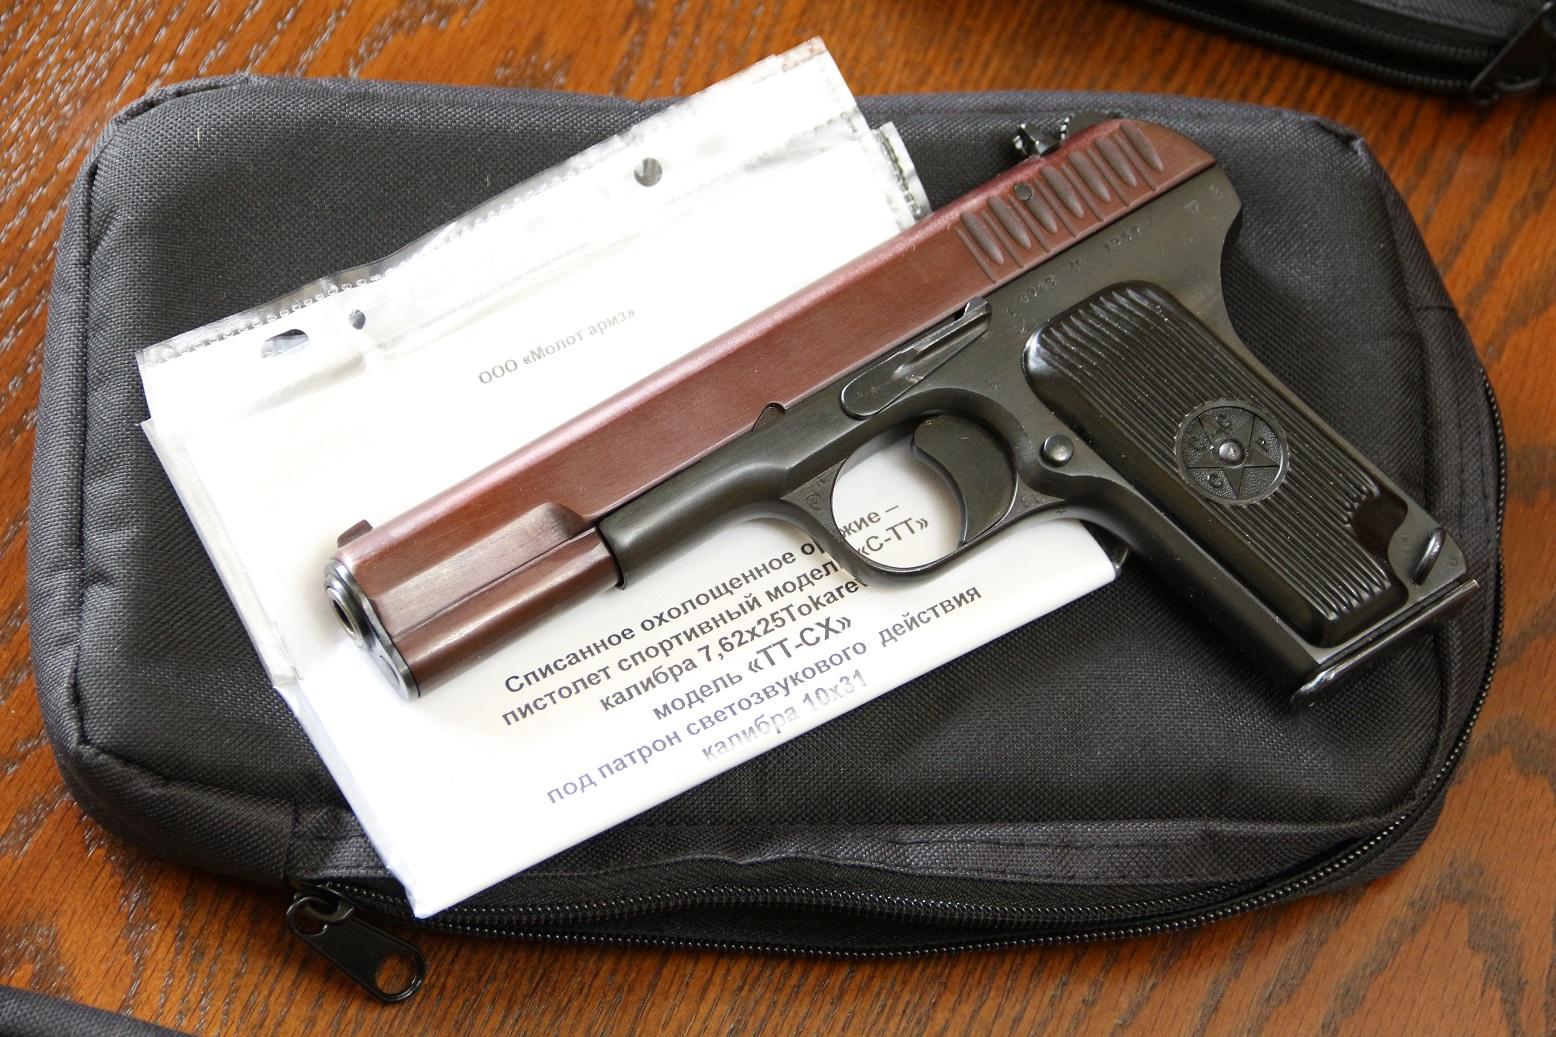 Охолощенный пистолет ТТ-СХ 1937 года, №8042, красный затвор, ДЕАКТИВ 2020 года